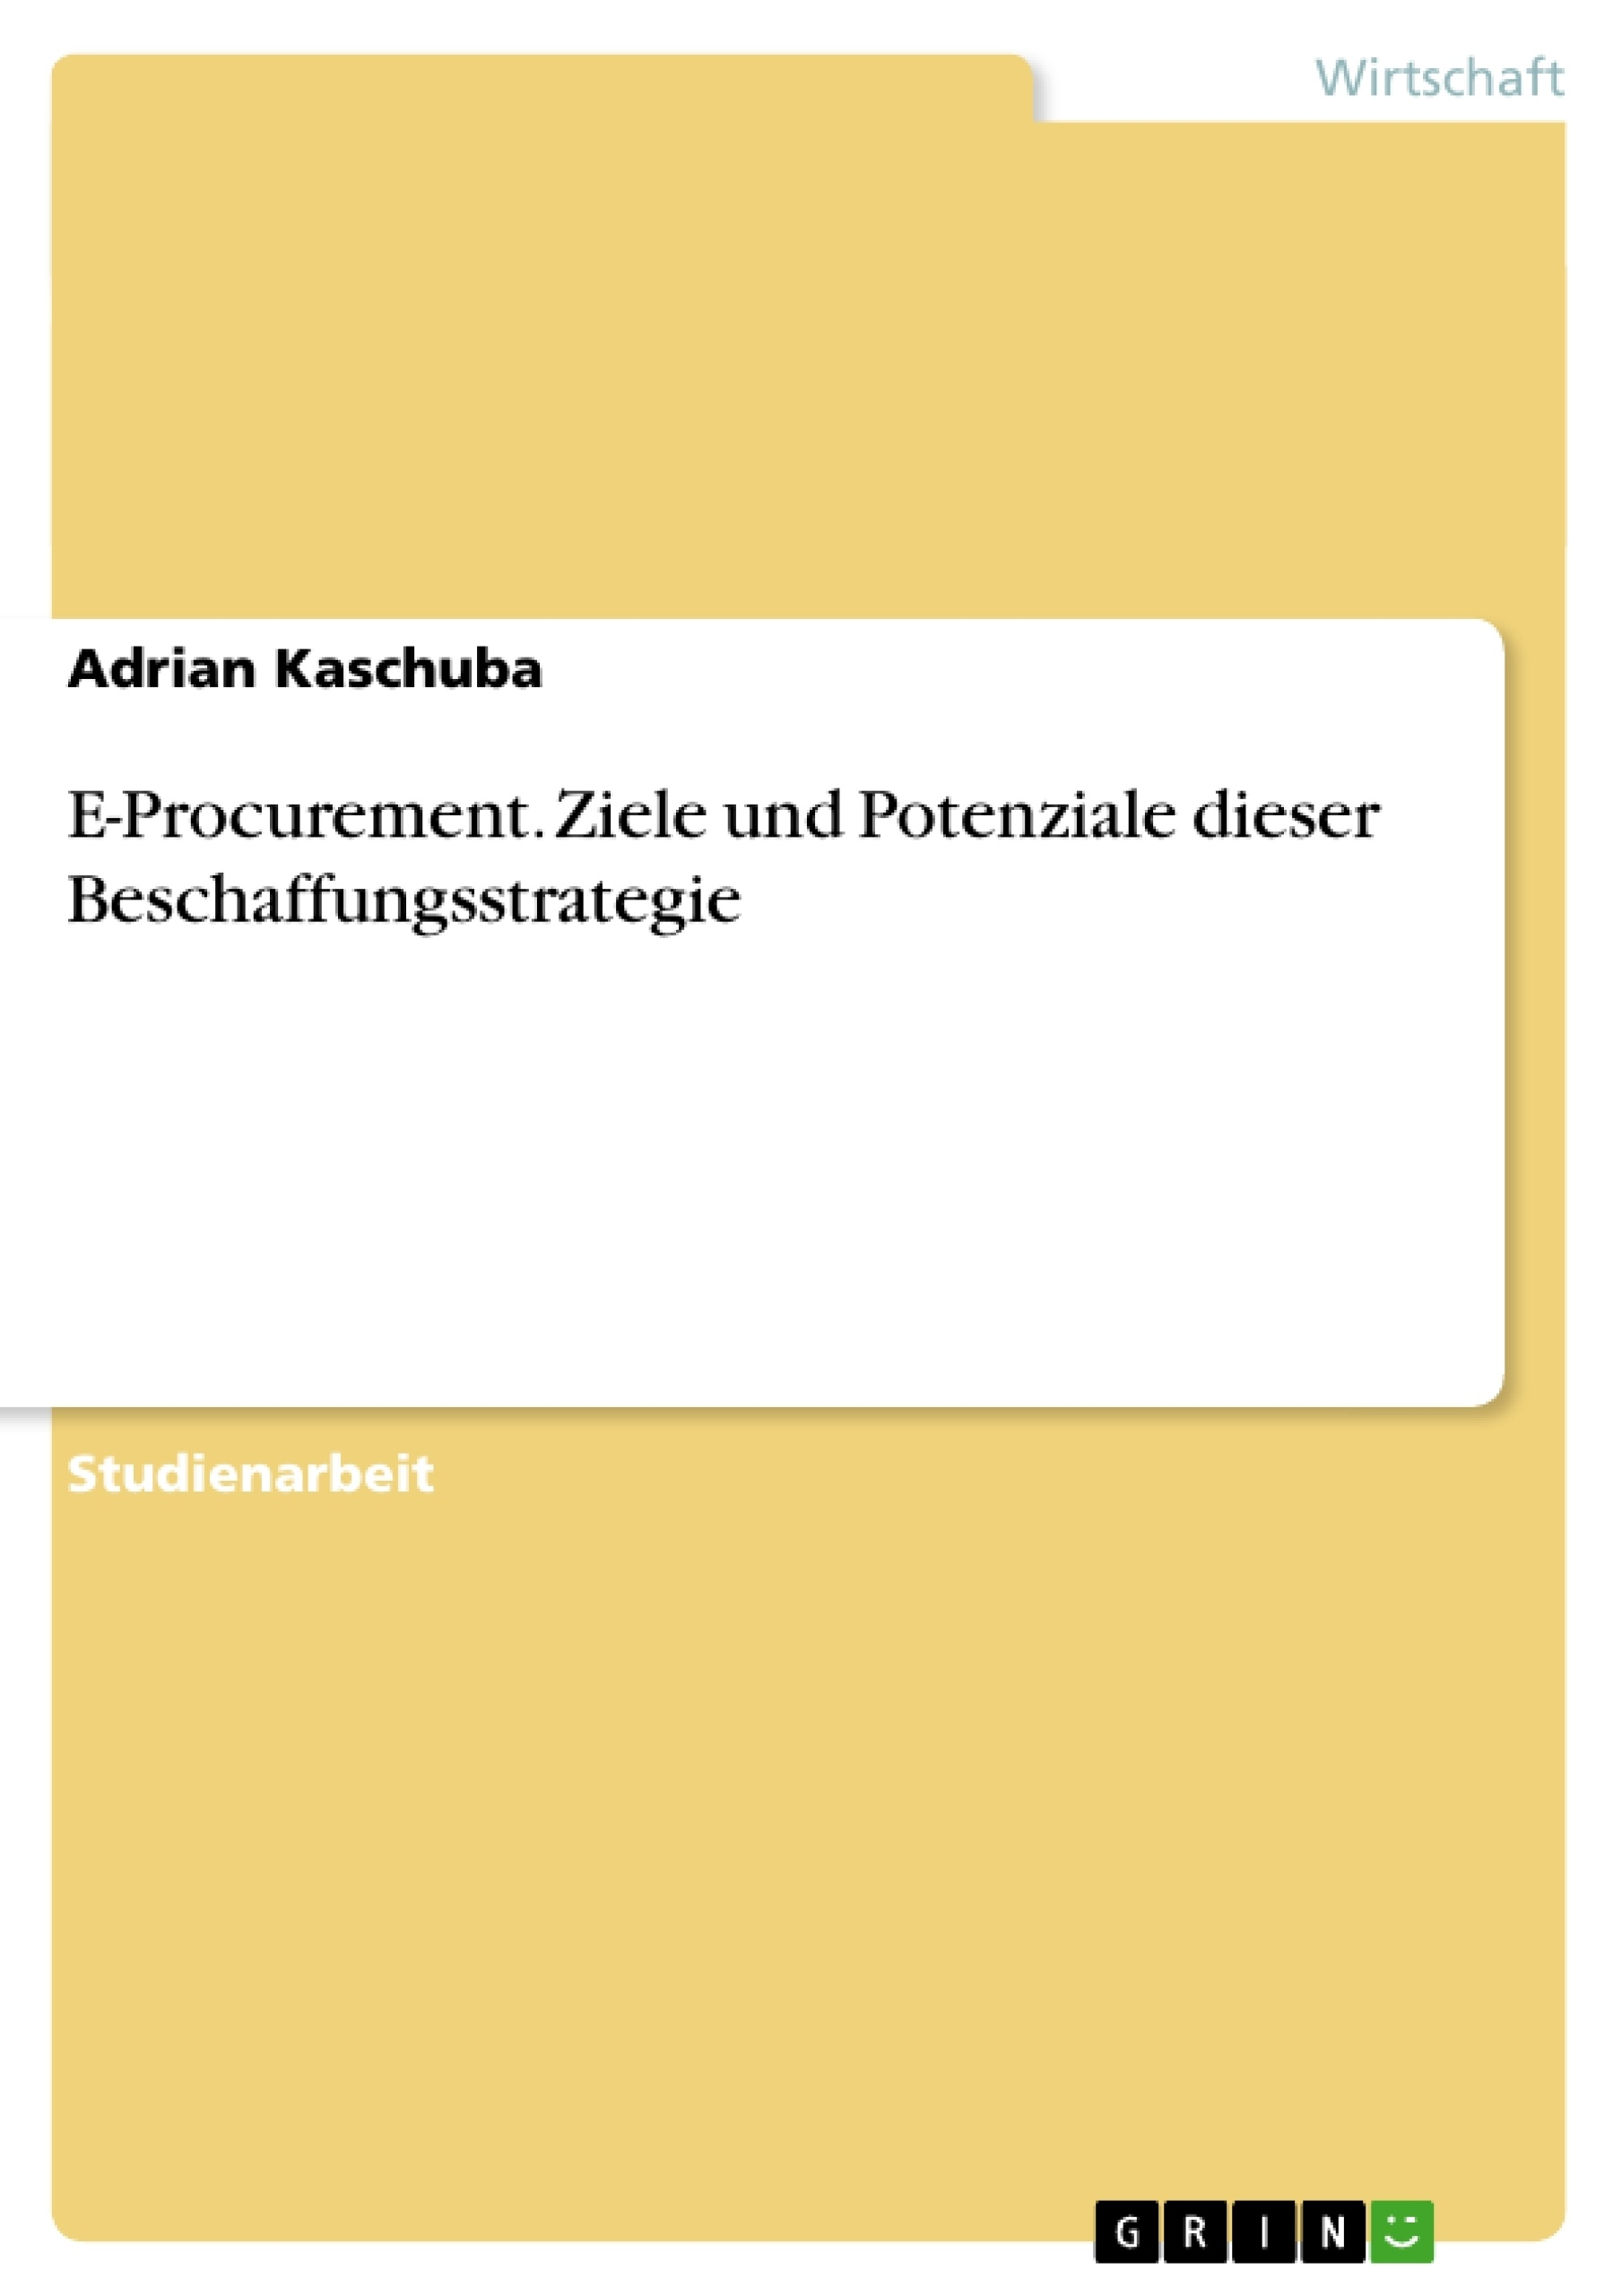 Titel: E-Procurement. Ziele und Potenziale dieser Beschaffungsstrategie